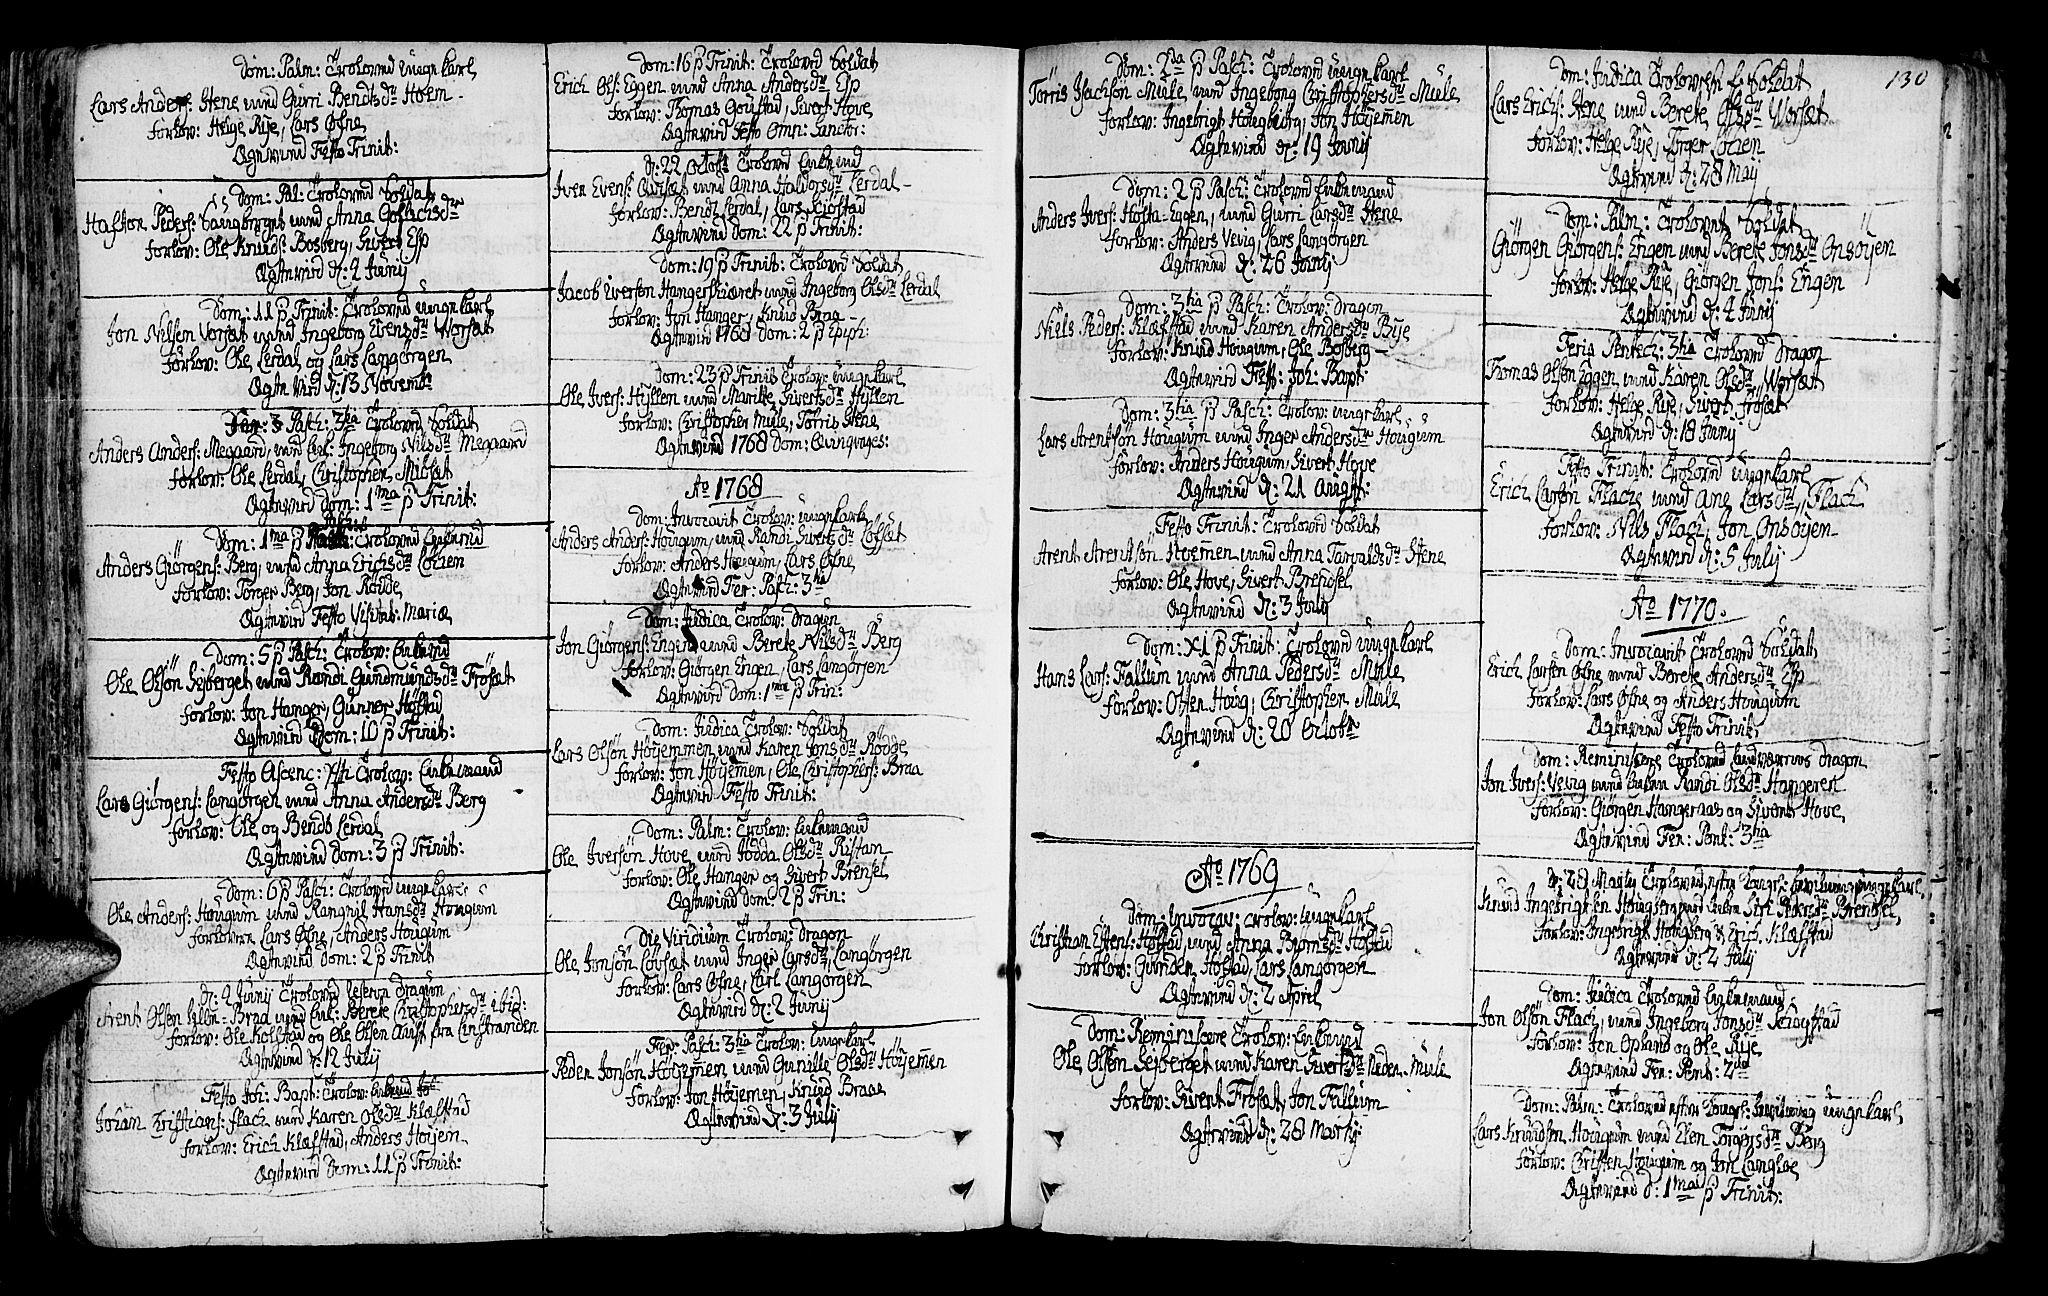 SAT, Ministerialprotokoller, klokkerbøker og fødselsregistre - Sør-Trøndelag, 612/L0370: Ministerialbok nr. 612A04, 1754-1802, s. 130